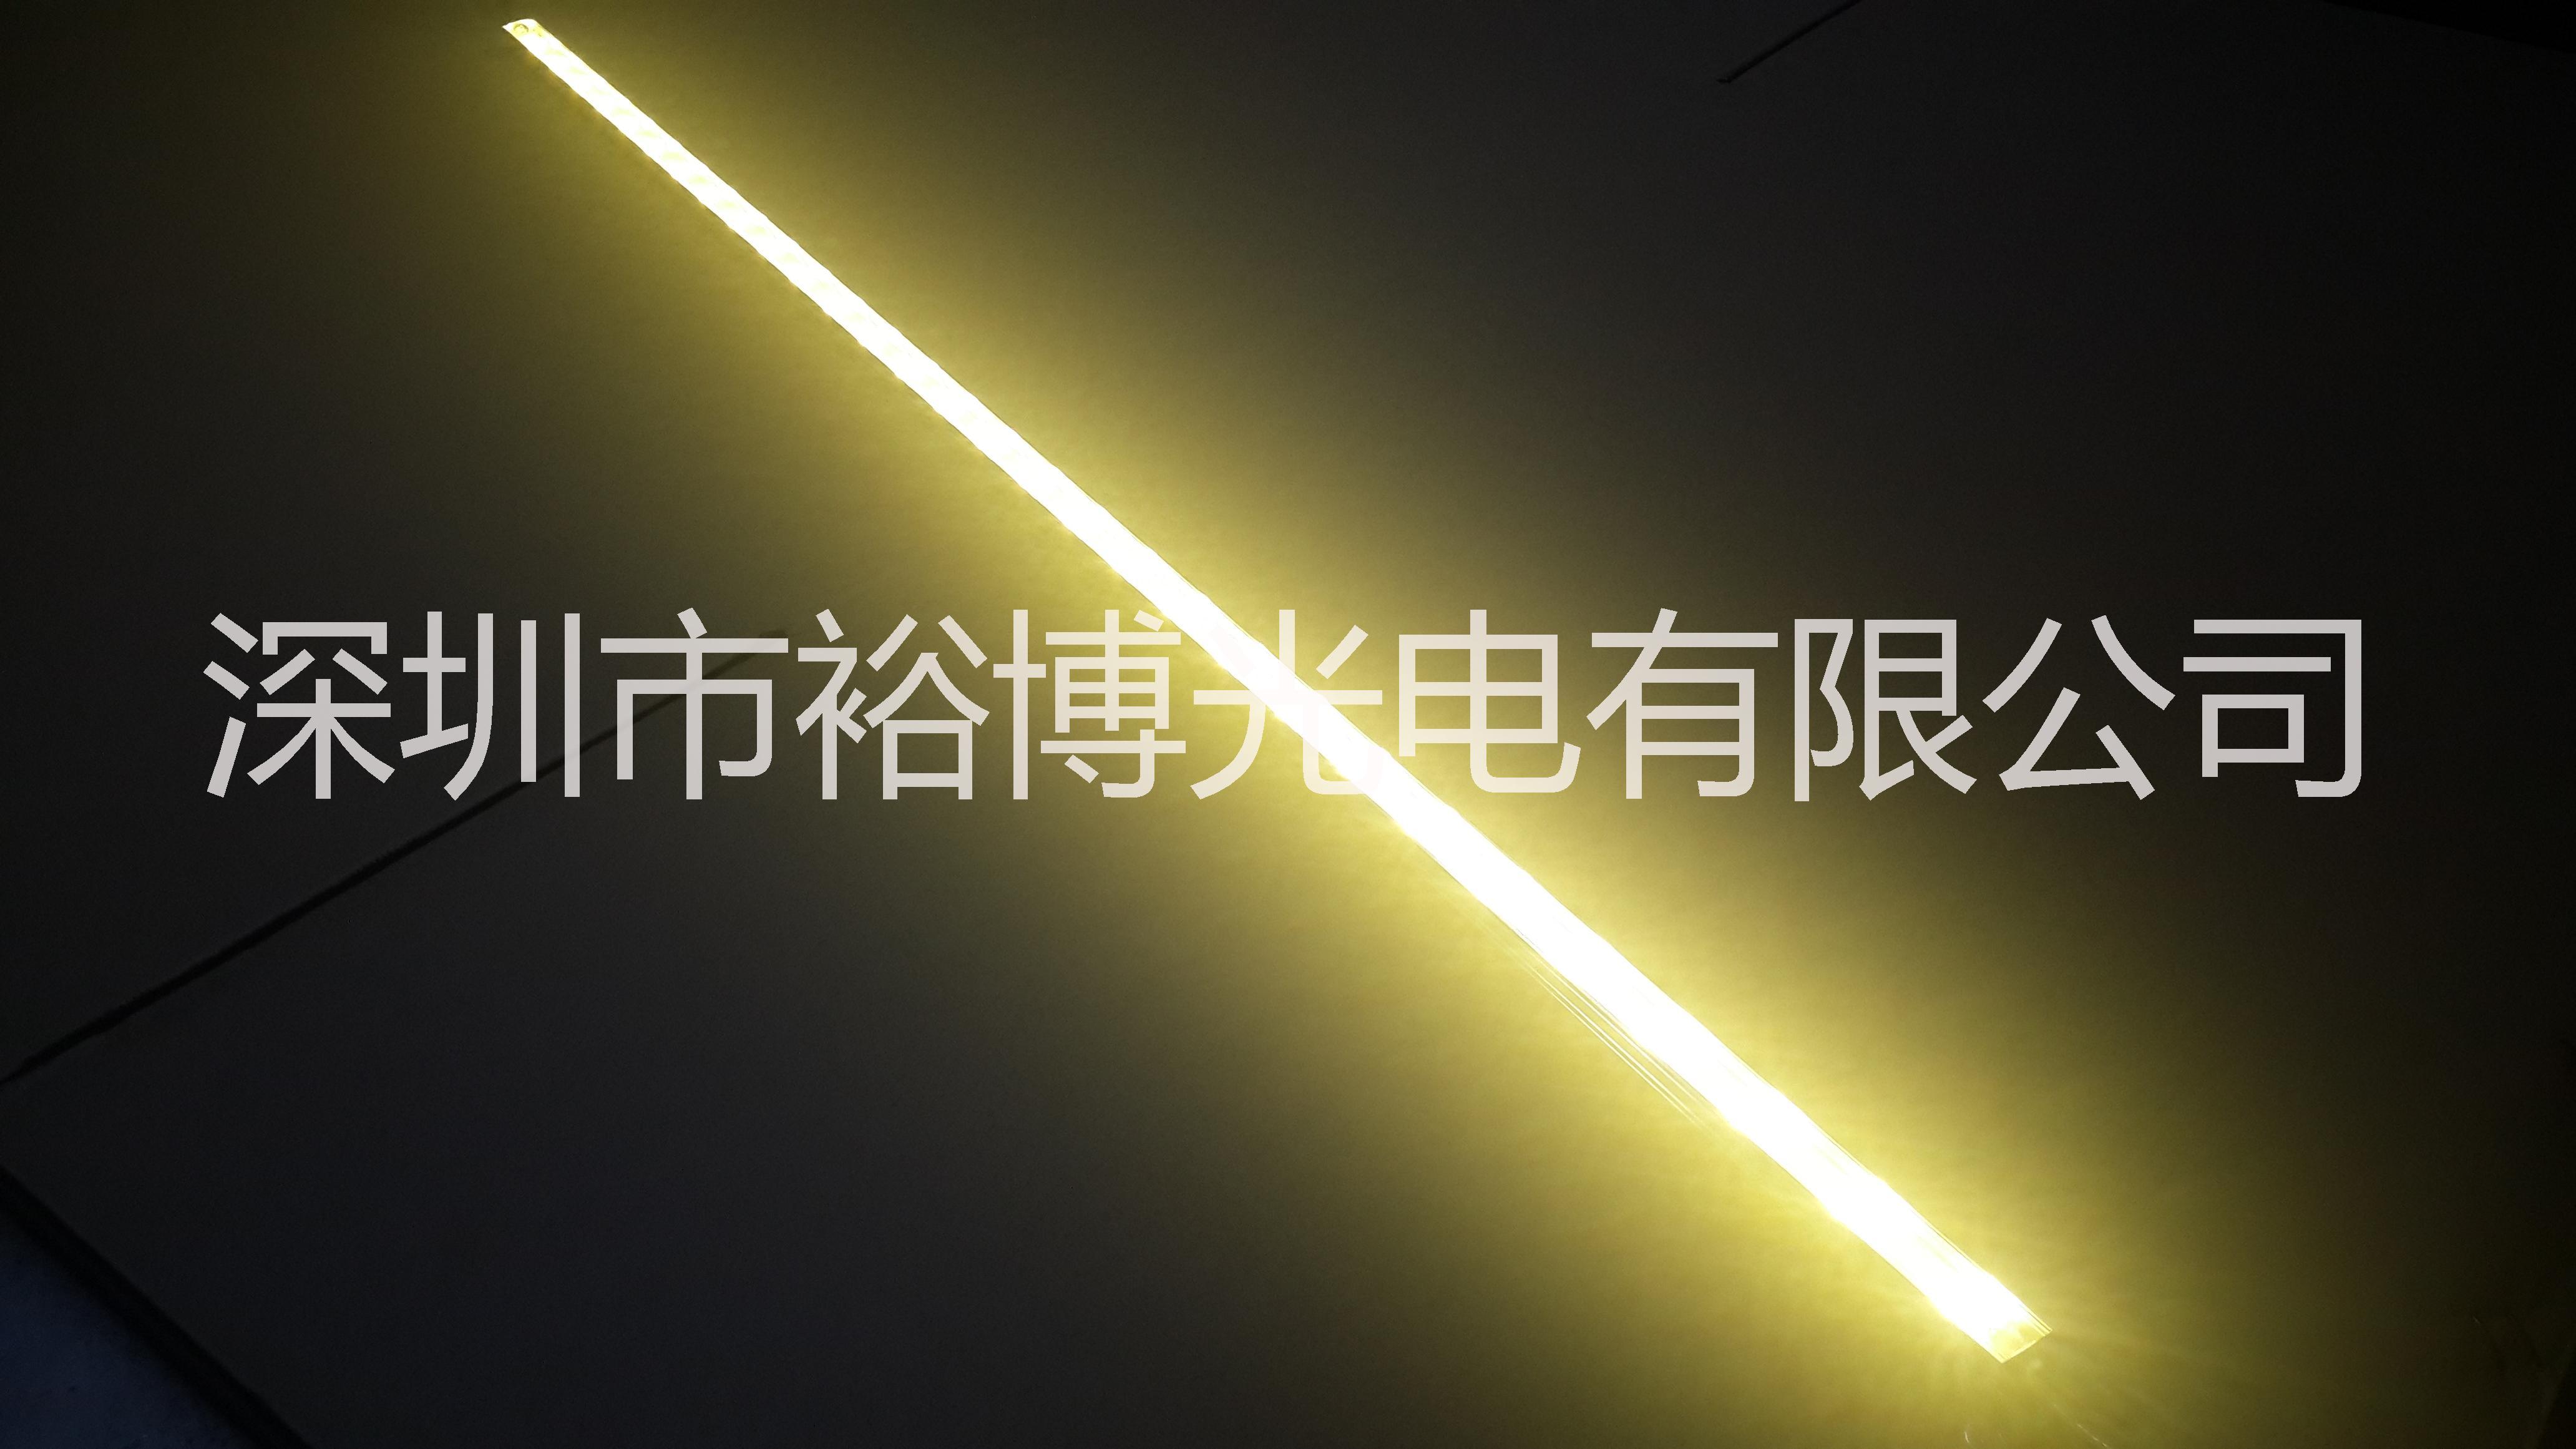 供应LED单色一米30灯led硬灯条 12V供电 质保3年 裕博光电